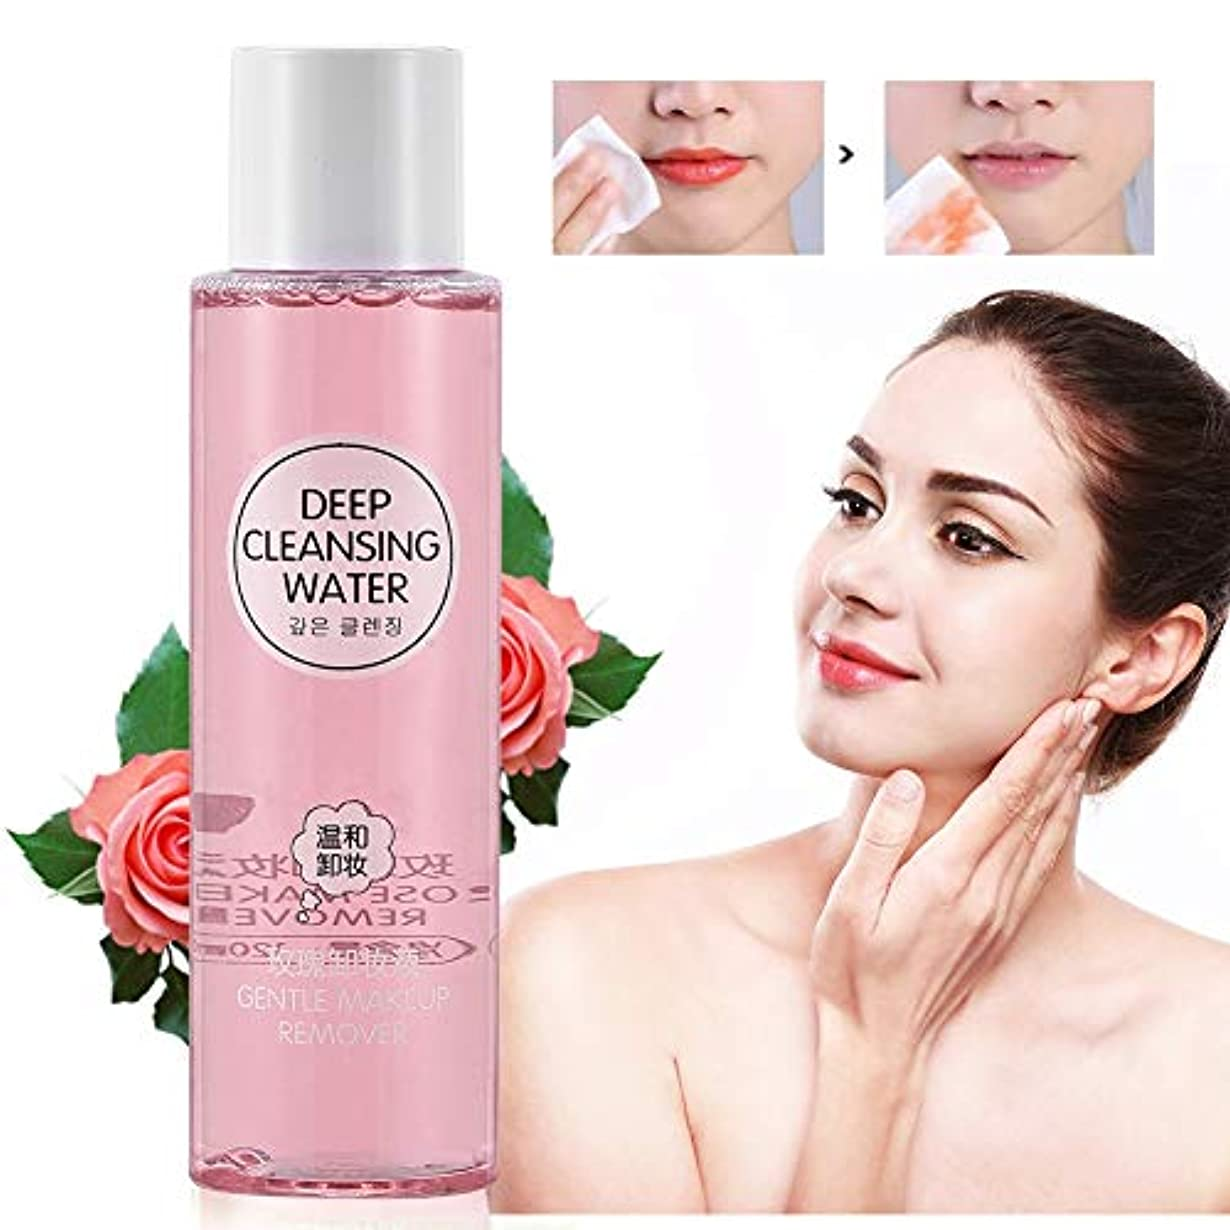 唇や目 120mlのメイクアップリムーバー肌の毛穴のディープクレンジング穏やかで刺激のないフェイスメイクアップ化粧品の効率的な除去